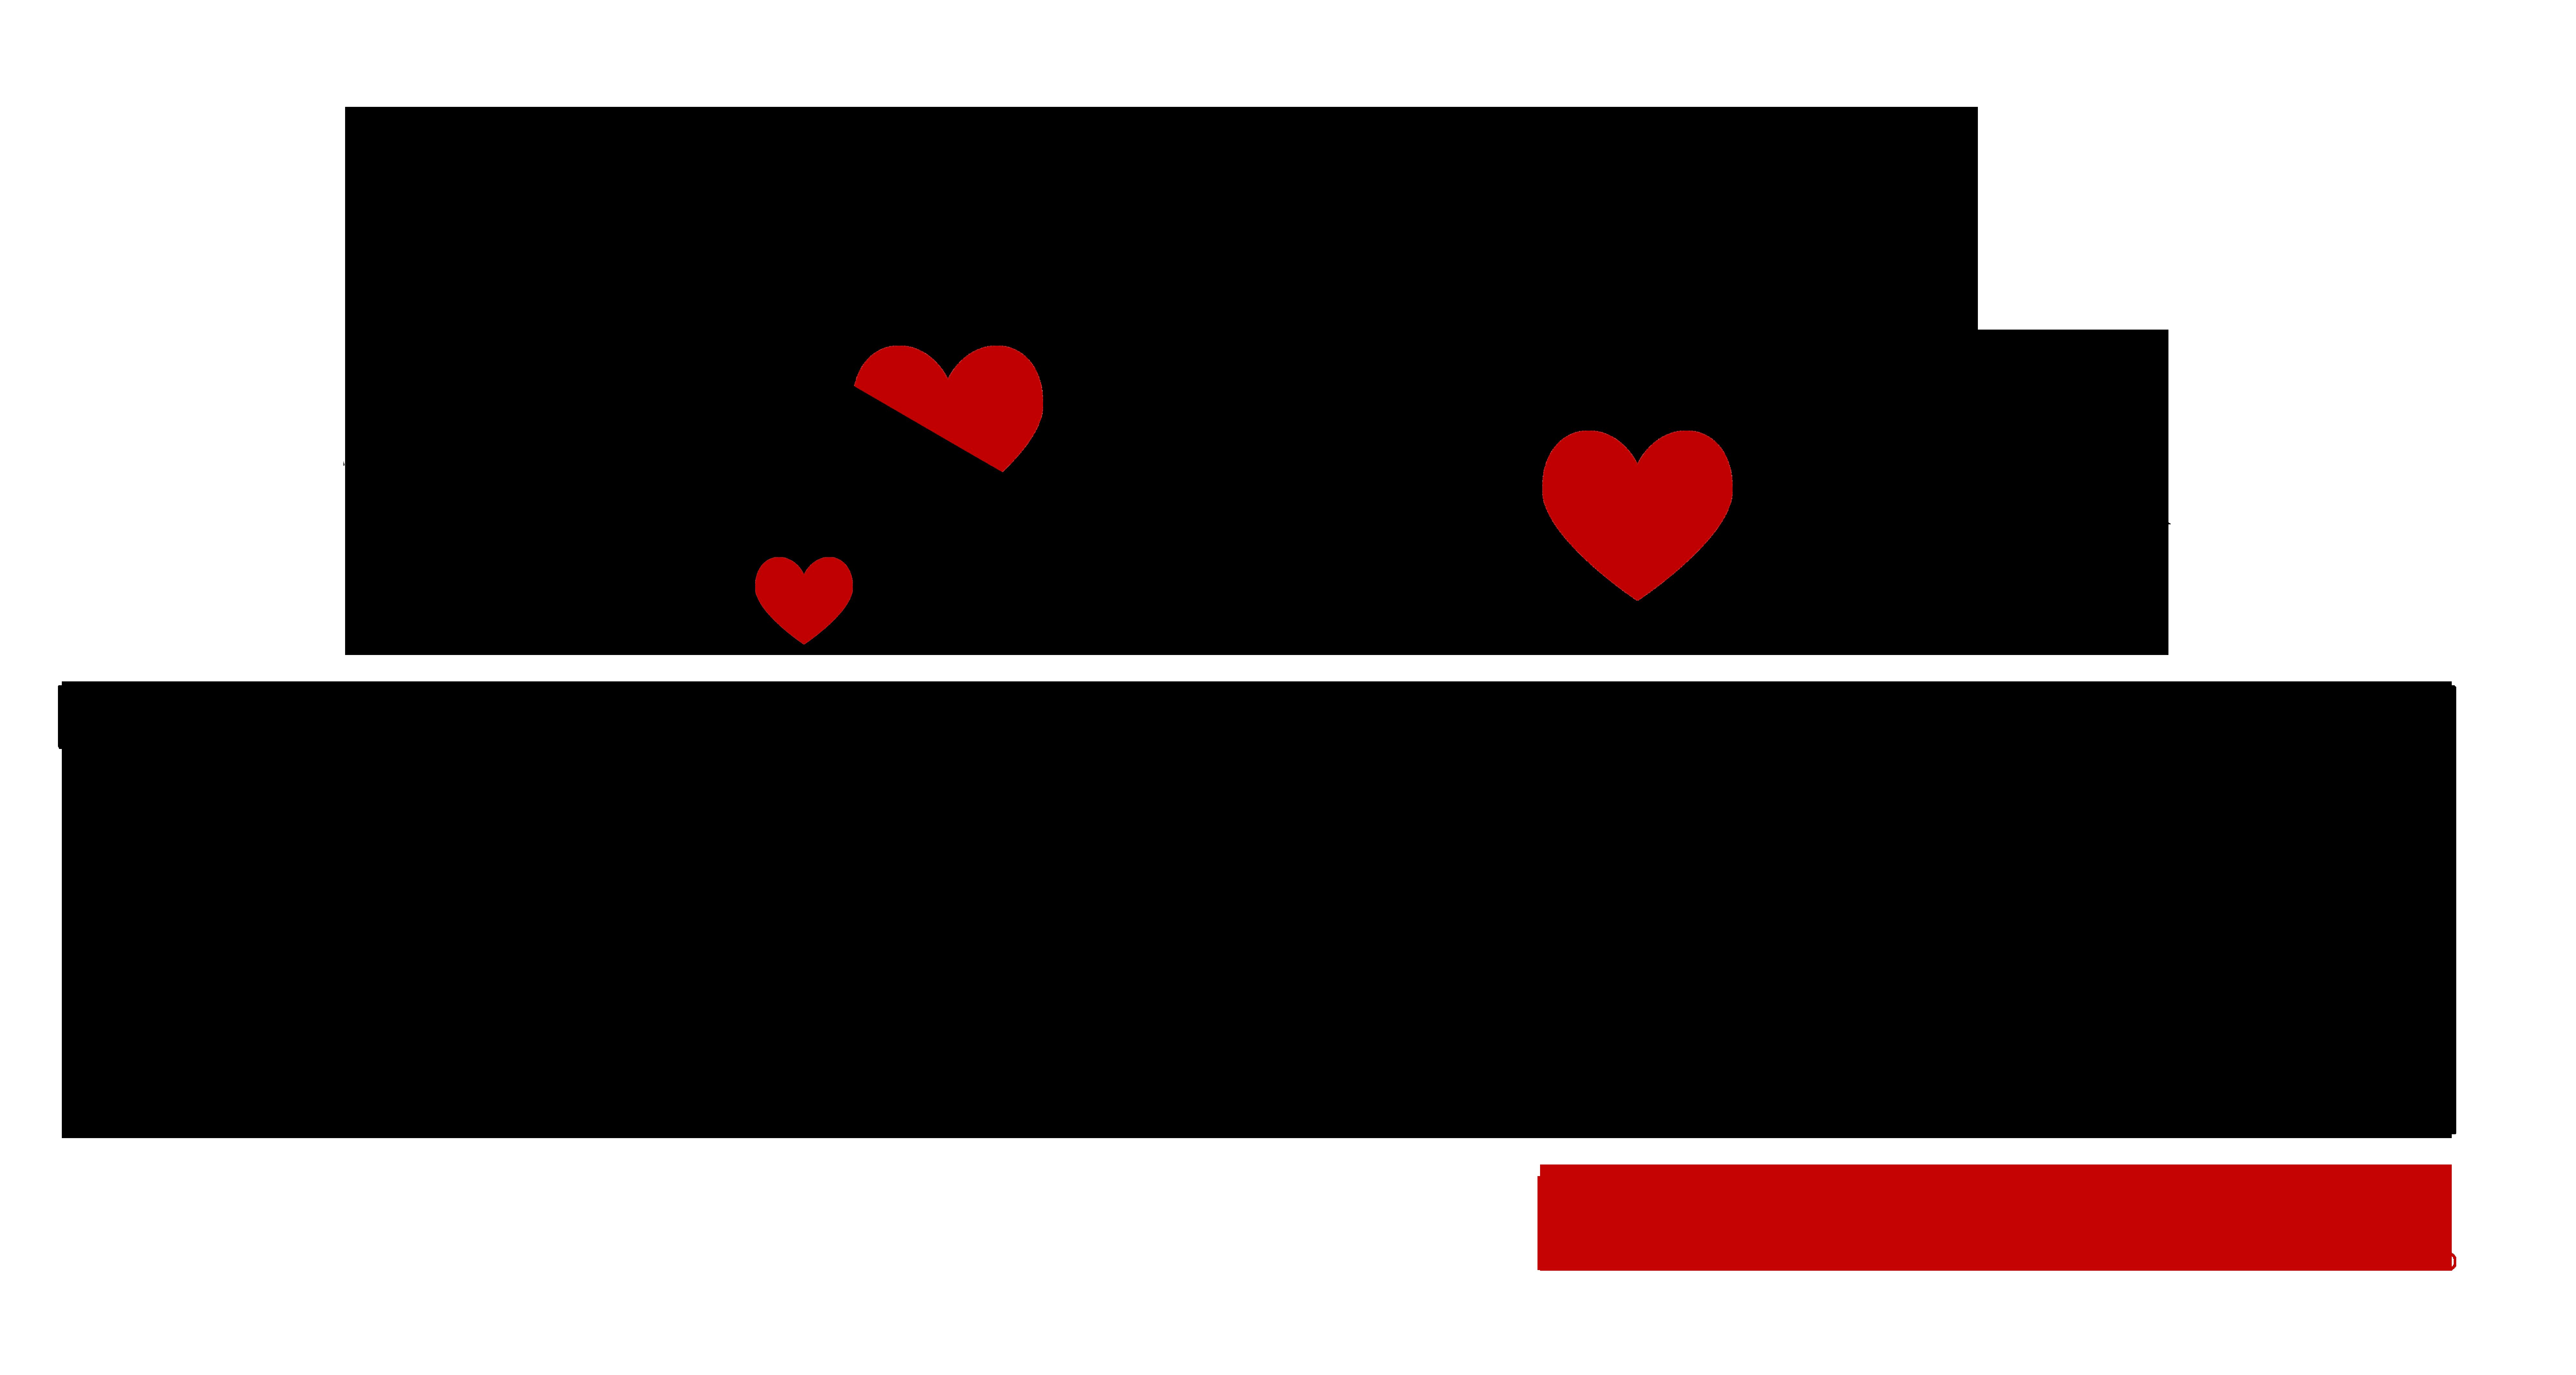 Kia Logo Transparent Background on 2015 Kia Minivan